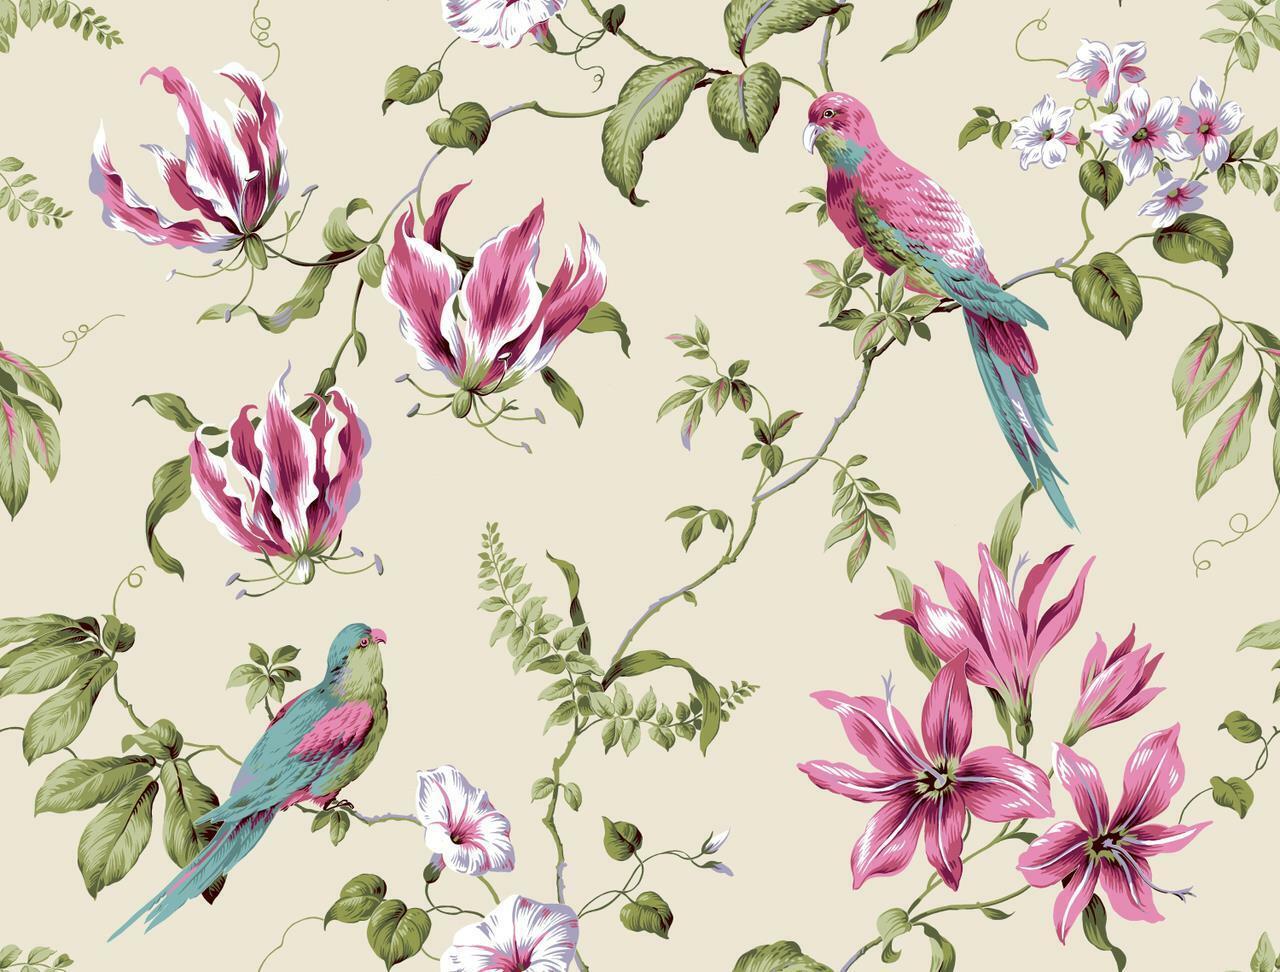 Wallpaper Designer Pink Lavender Green Aqua Tropical Floral